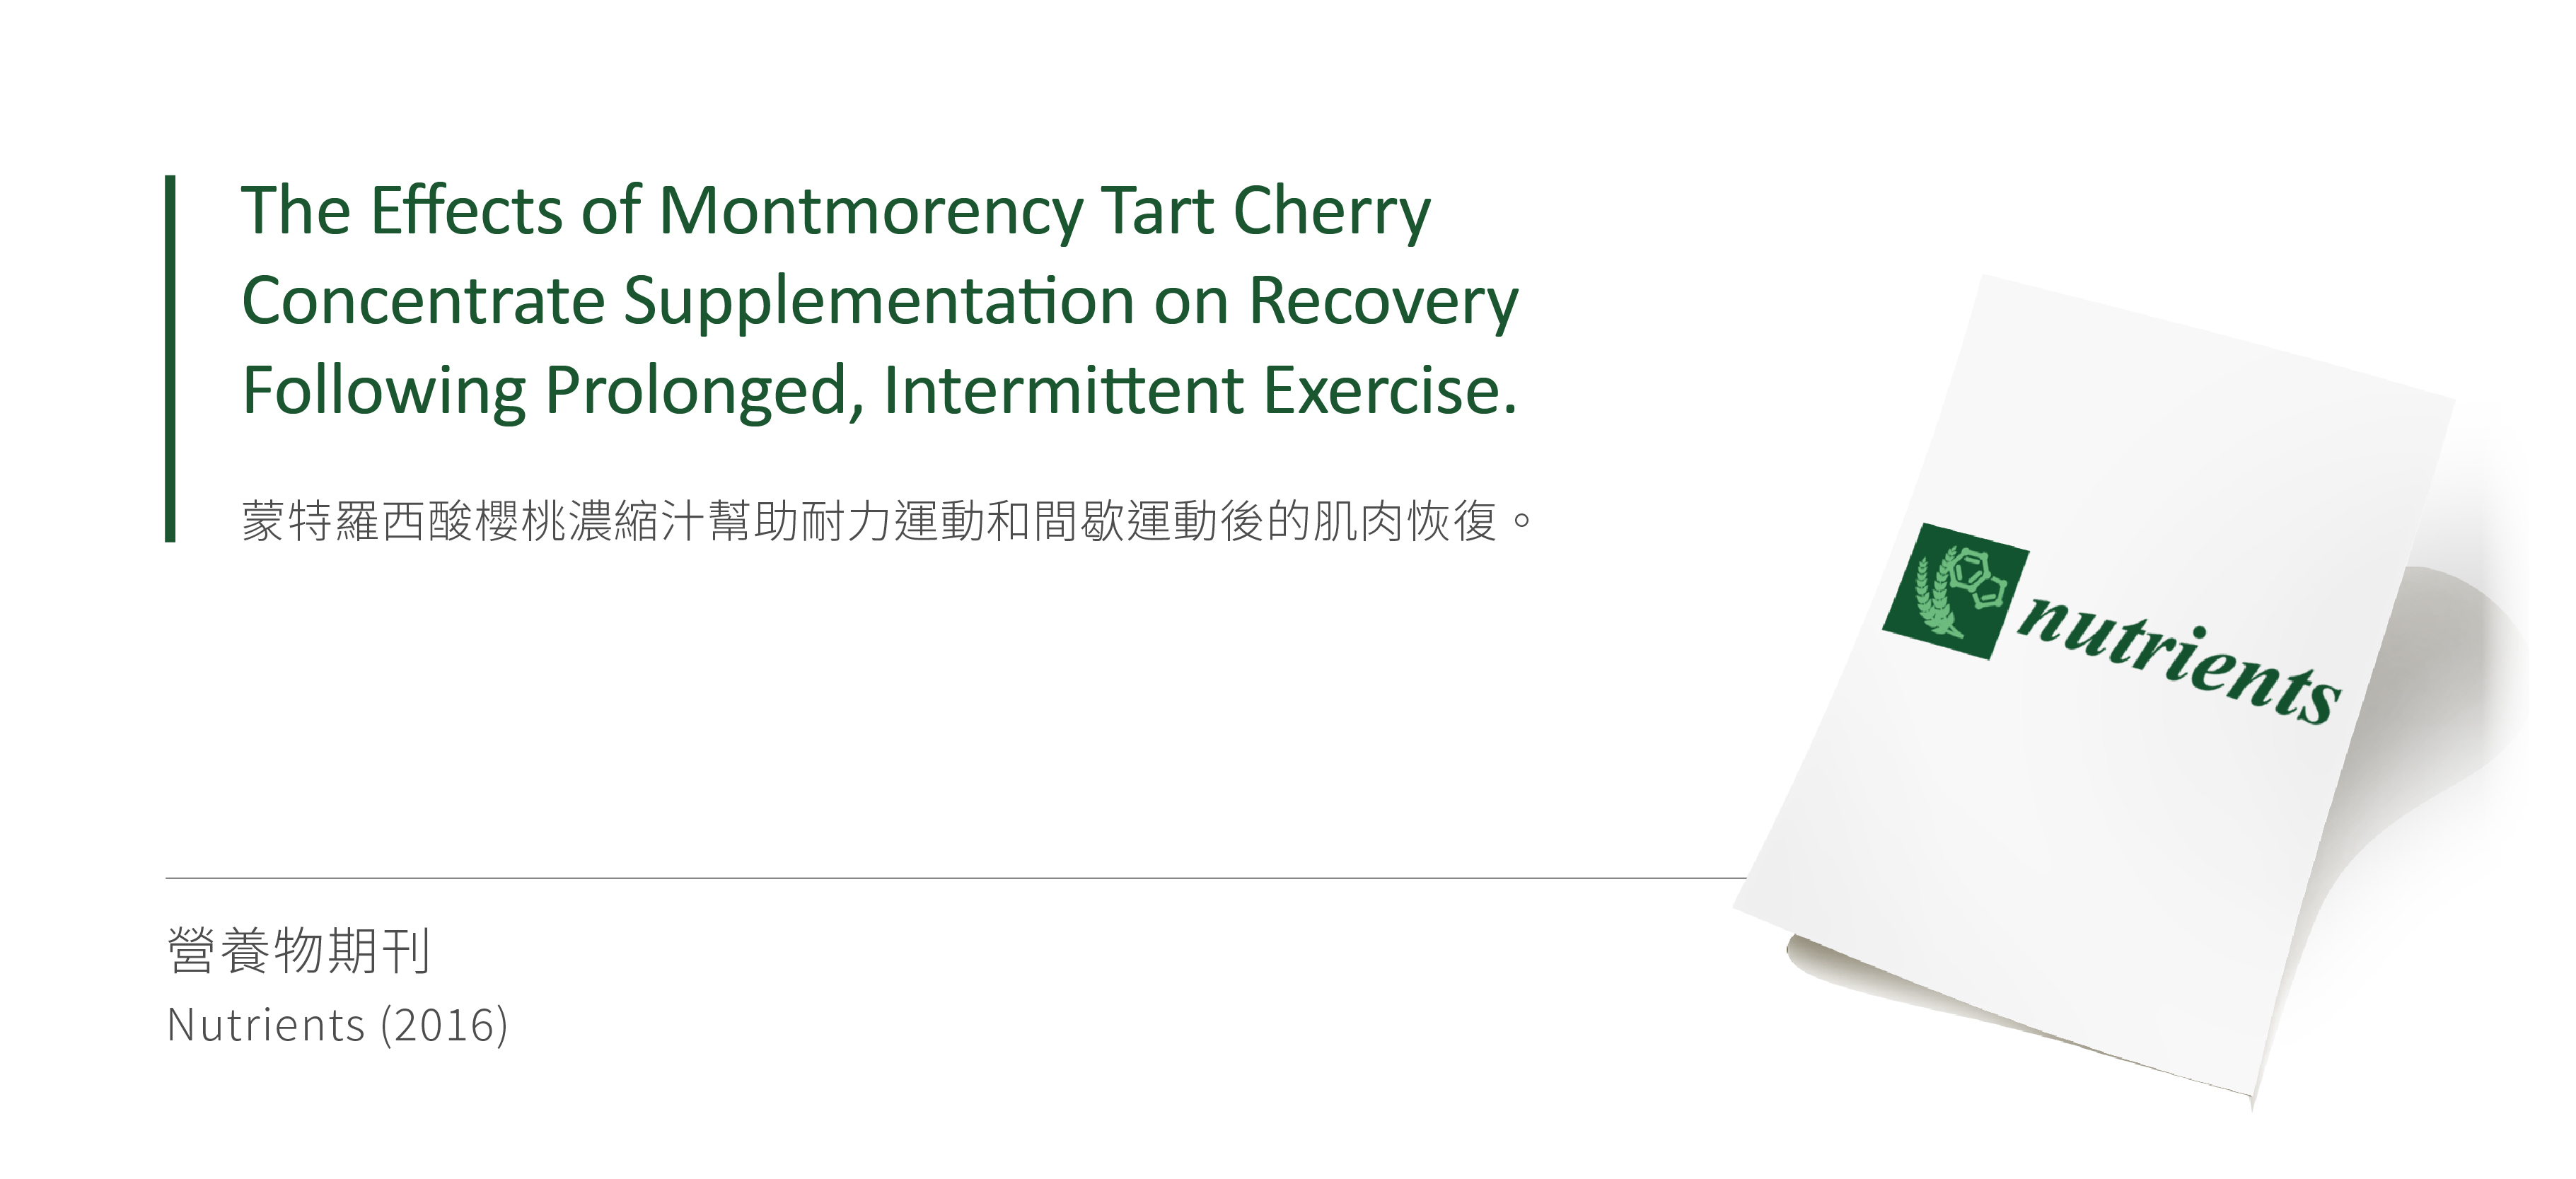 酸櫻桃研究,酸櫻桃汁研究實證,酸櫻桃汁研究報導, 酸櫻桃汁減緩肌肉酸痛與肌肉發炎, 酸櫻桃汁功效